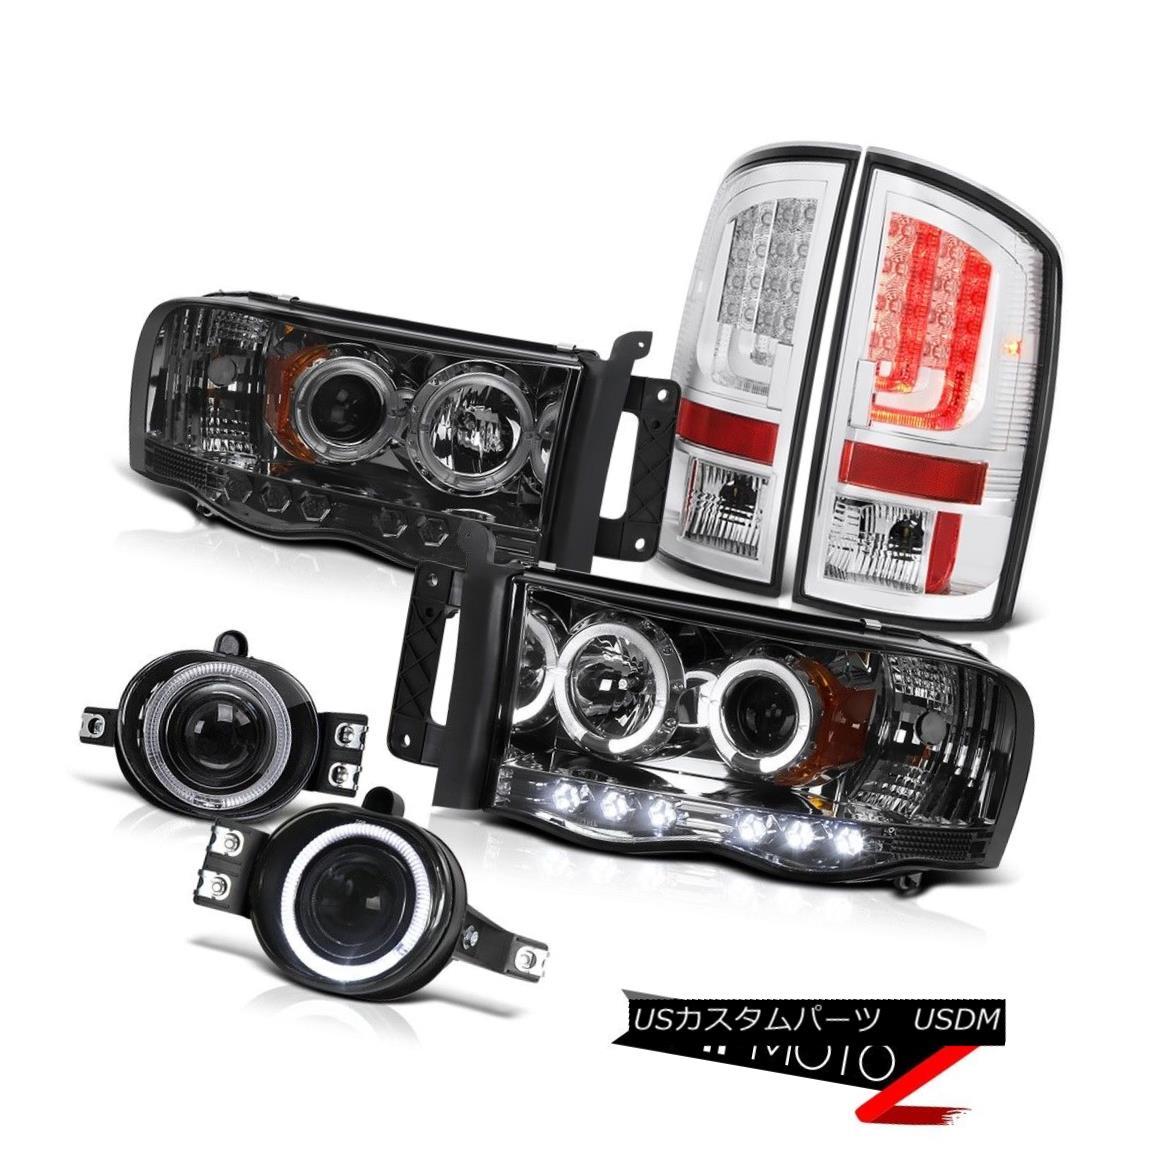 テールライト 02-05 Dodge Ram 2500 1500 4.7L Chrome Tail Brake Lamps Headlamps Fog Light Bar 02-05 Dodge Ram 2500 1500 4.7Lクロームテールブレーキランプヘッドランプフォグライトバー